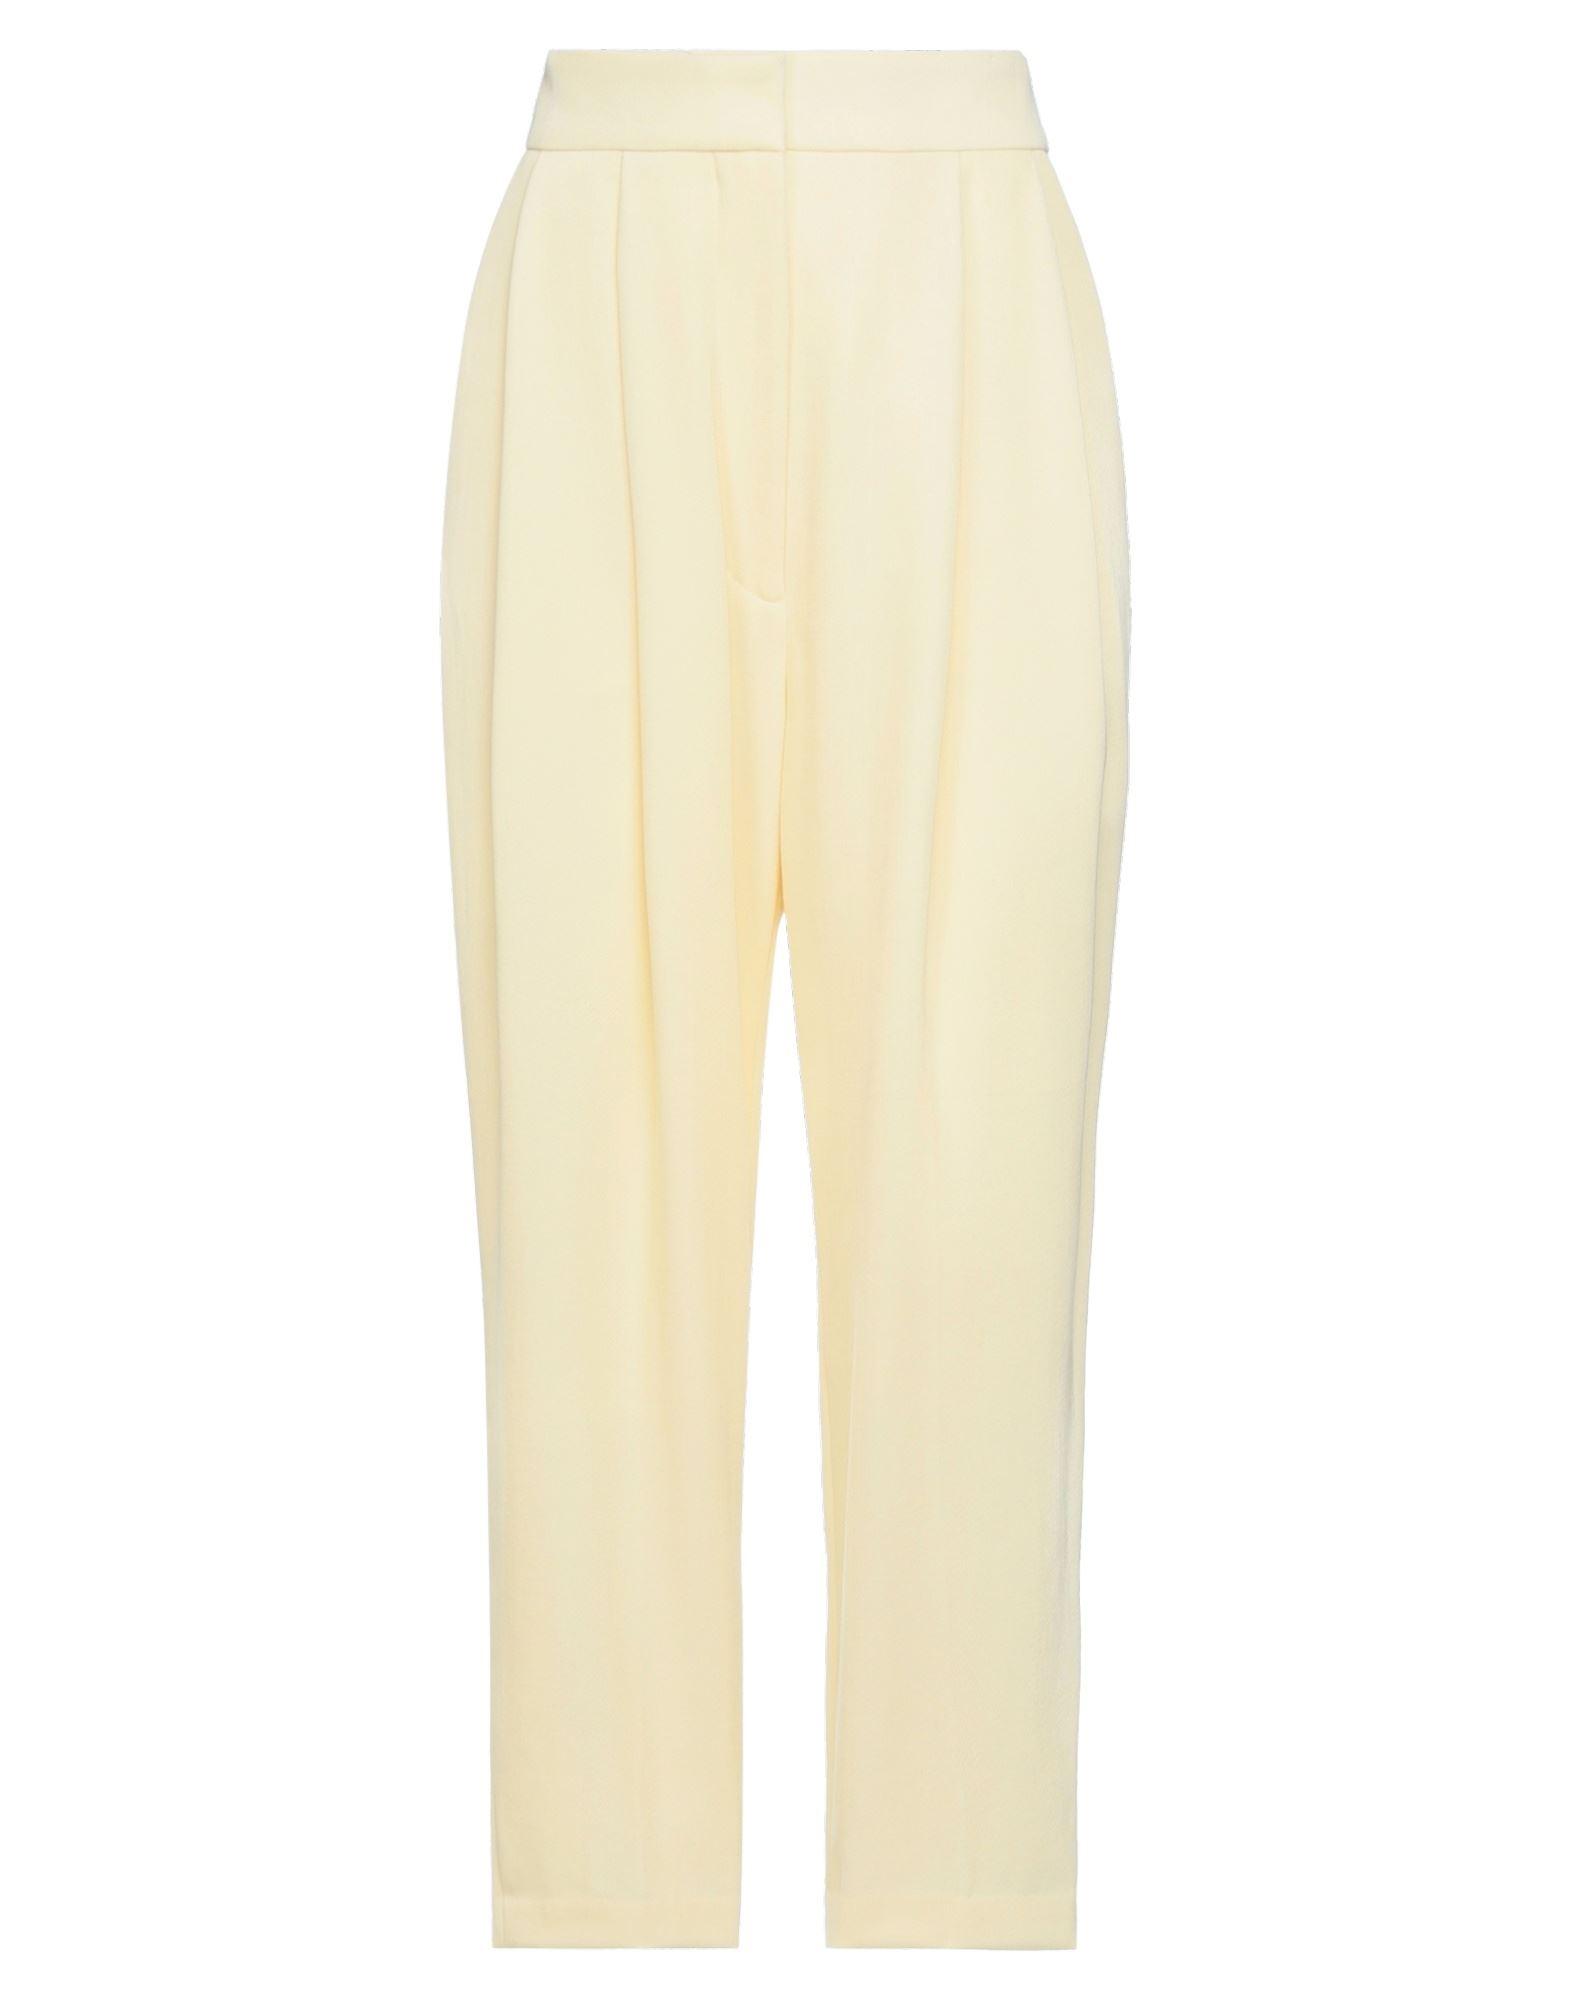 PETAR PETROV Повседневные брюки petar petrov водолазки